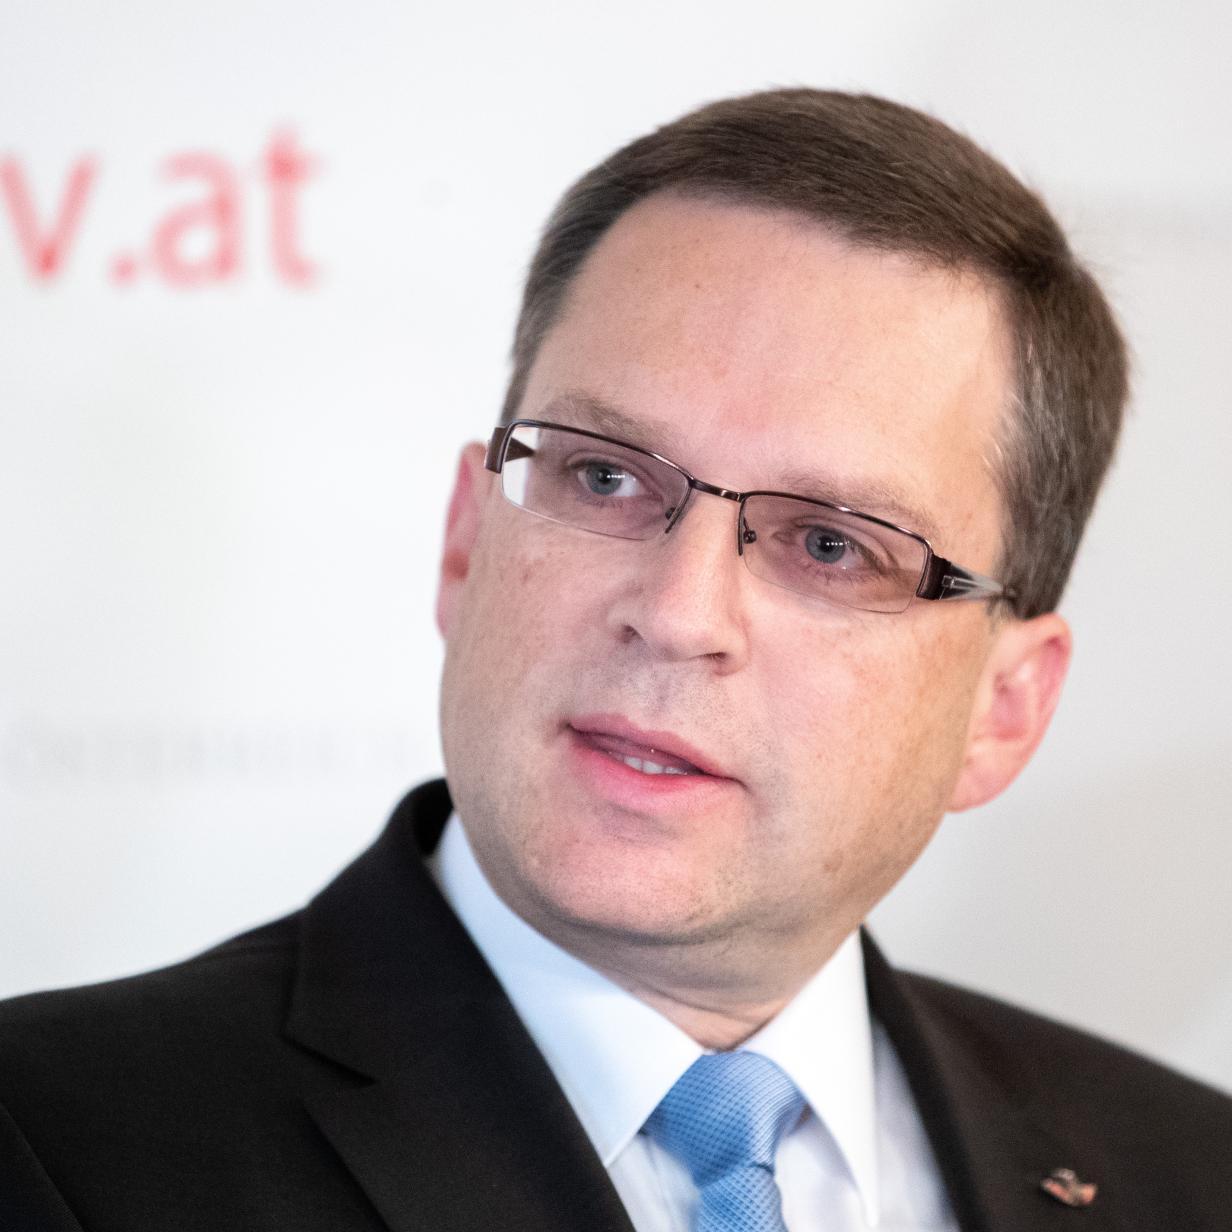 SPÖ und ÖVP streiten jetzt im Wahlkampf über Mindestsicherung